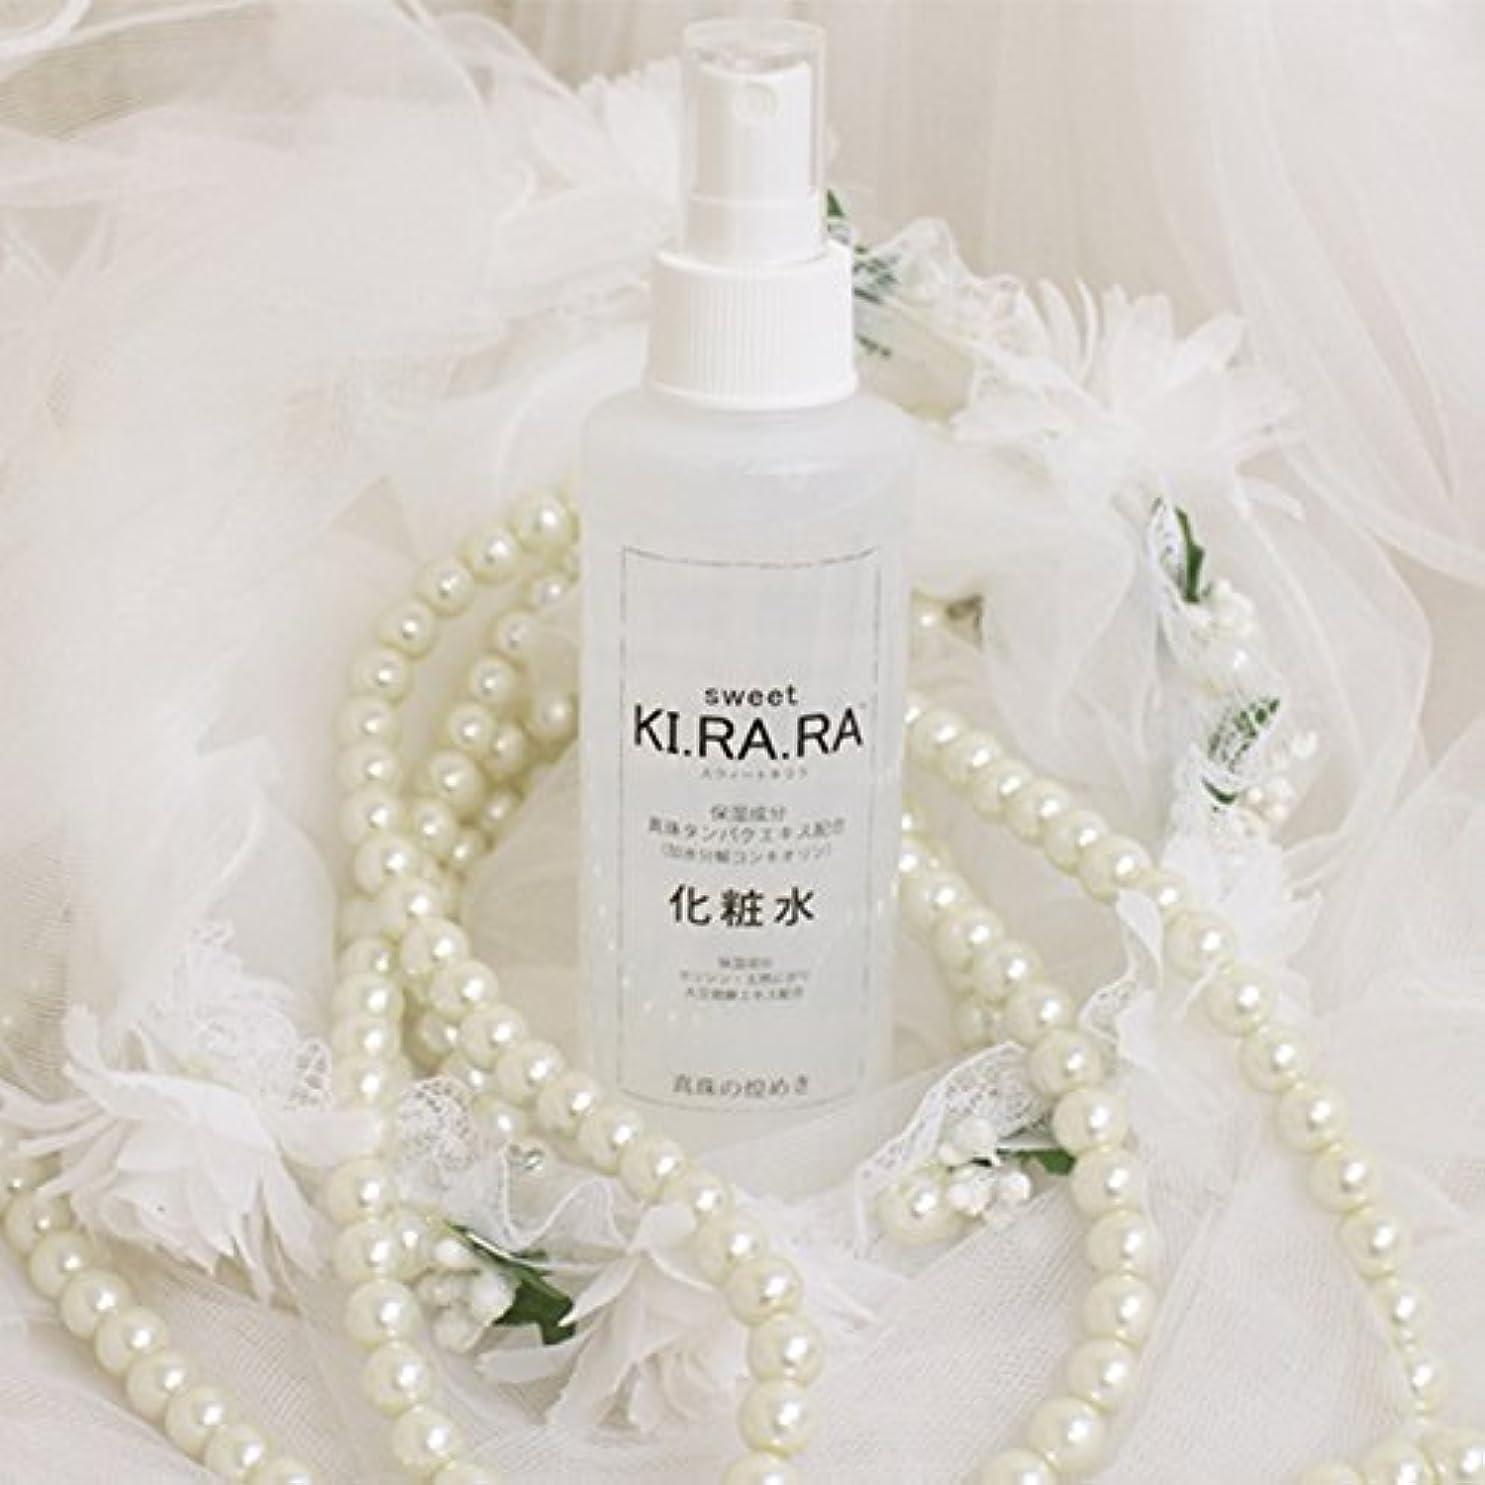 ヘッドレス多数のファーザーファージュsweet KI.RA.RA スウィートキララ 化粧水 ナチュラルローション 真珠タンパクエキス配合 150ml